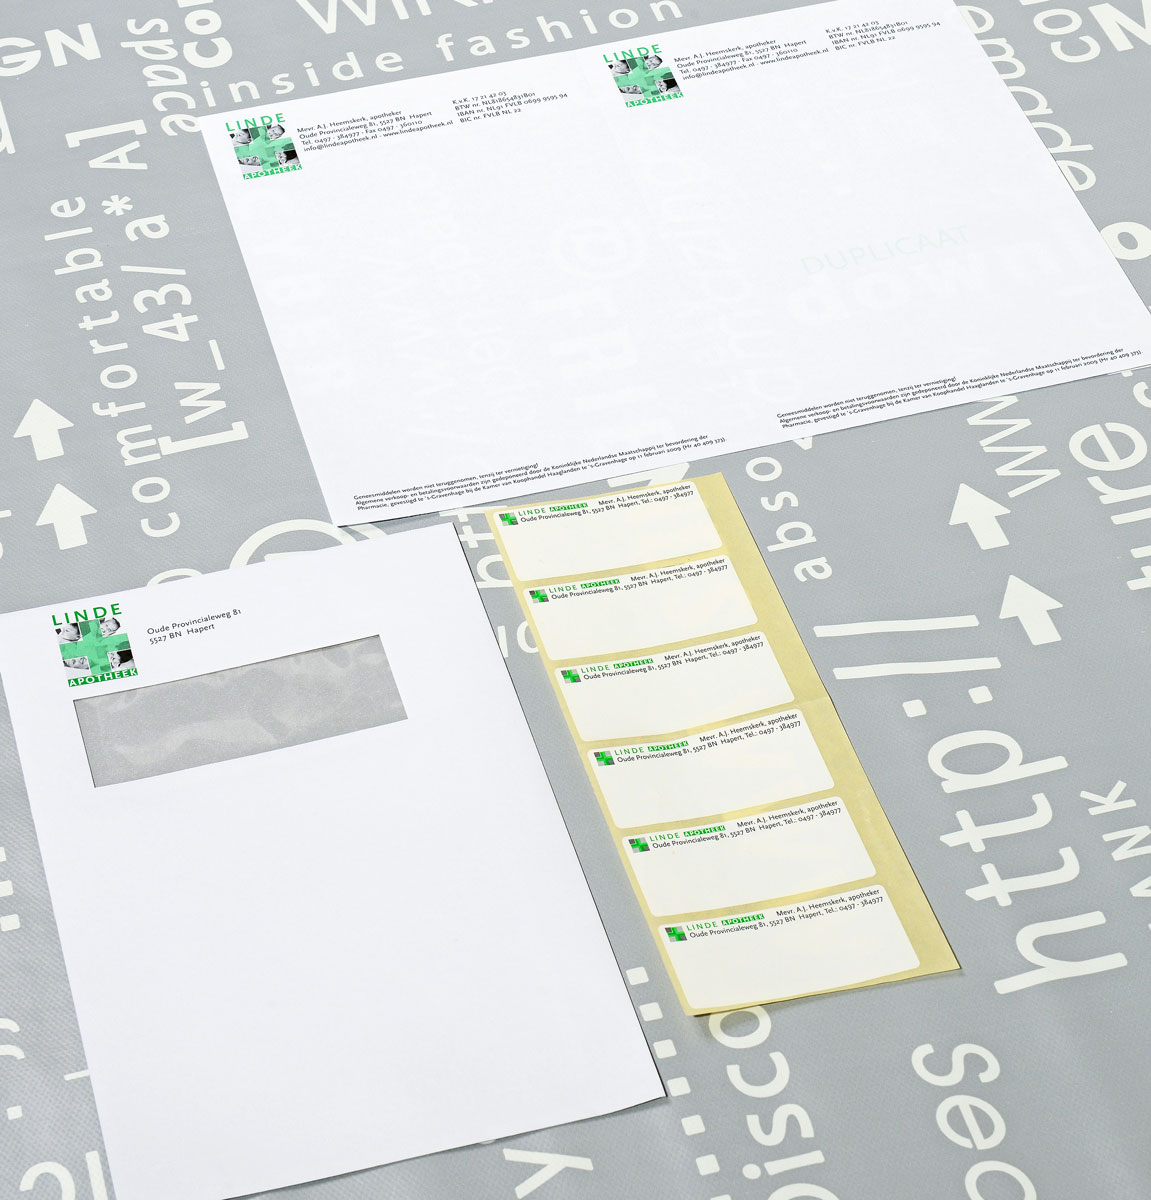 Linde Apotheek, reclame, ontwerp, logo, huisstijl, grafische vormgeving, DTP, etiketten, versid, Bladel